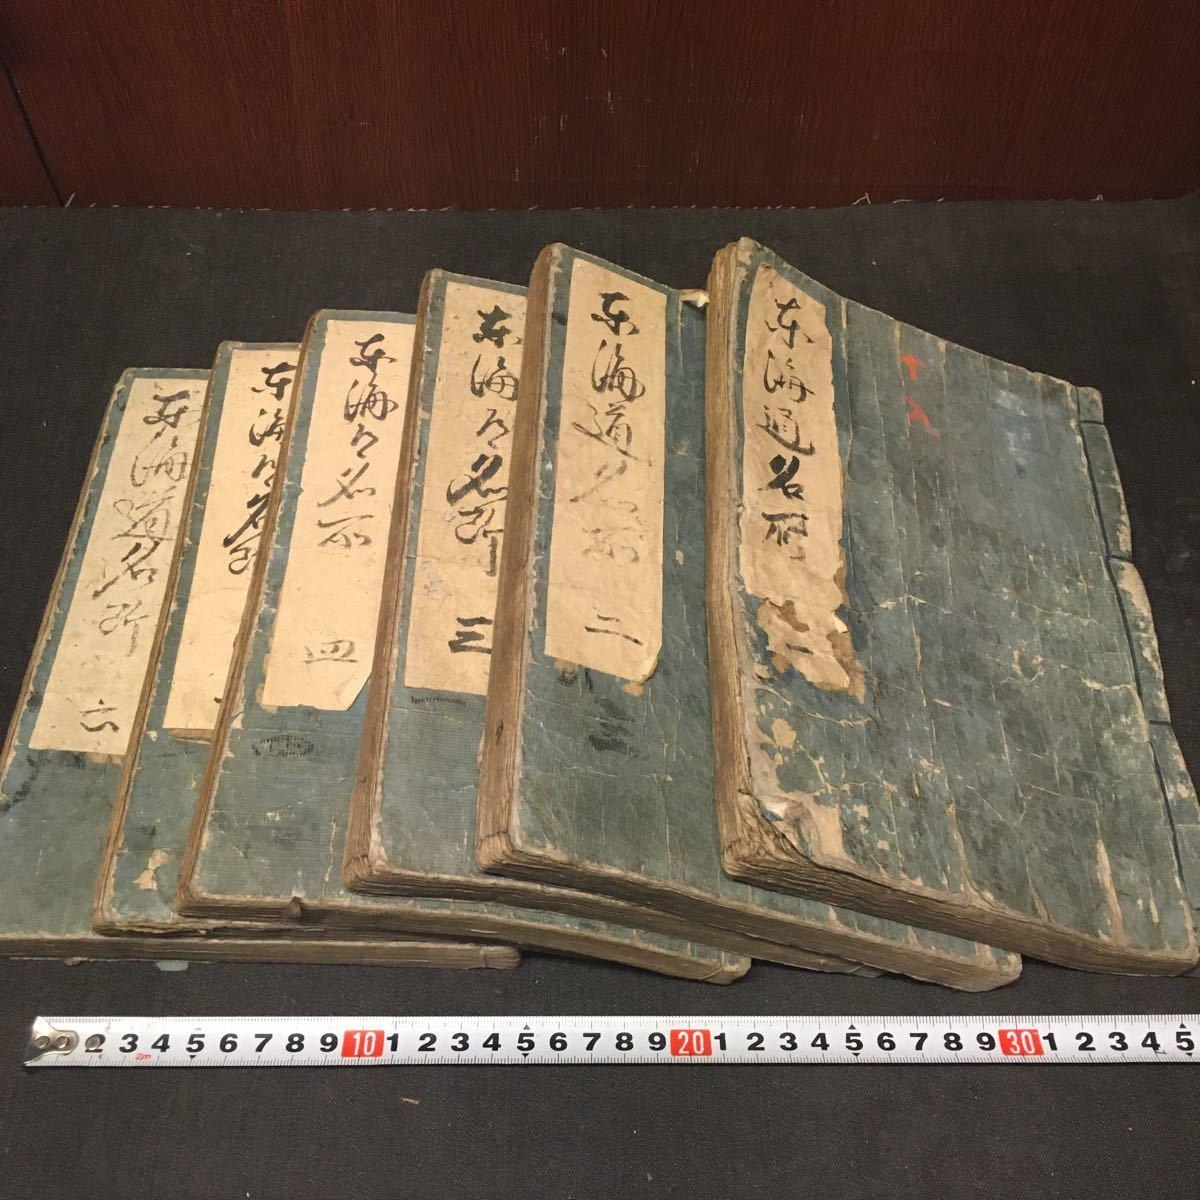 和本 「東海道名所図会 全6冊」 江戸 木版画 鳥瞰図 古典籍